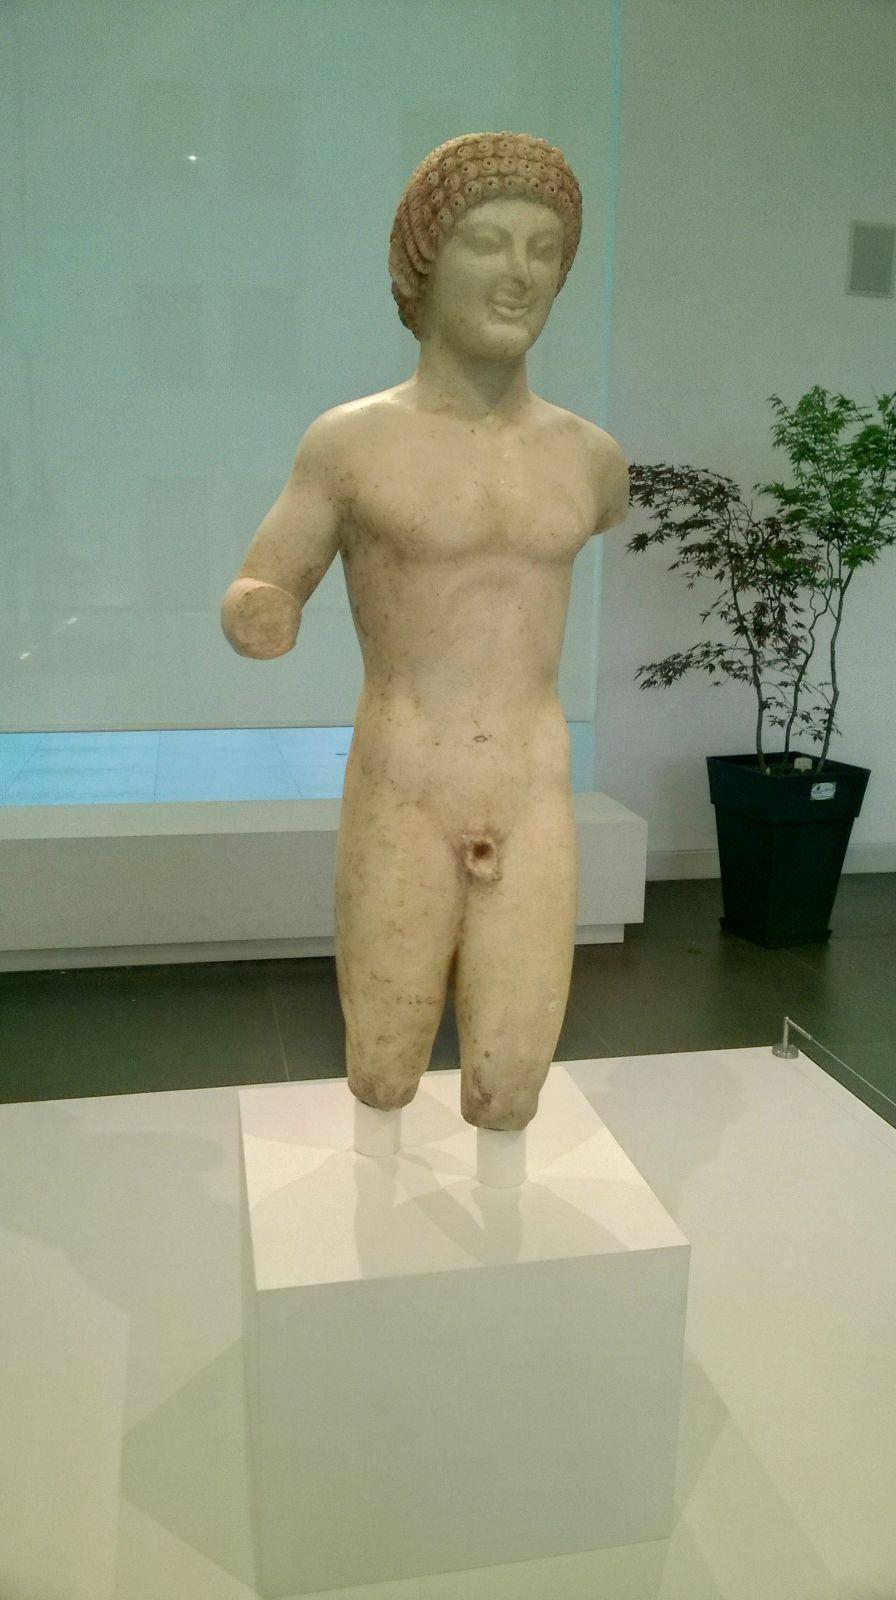 Riaperto il Museo Archeologico di Reggio Calabria. Le immagini dei Bronzi